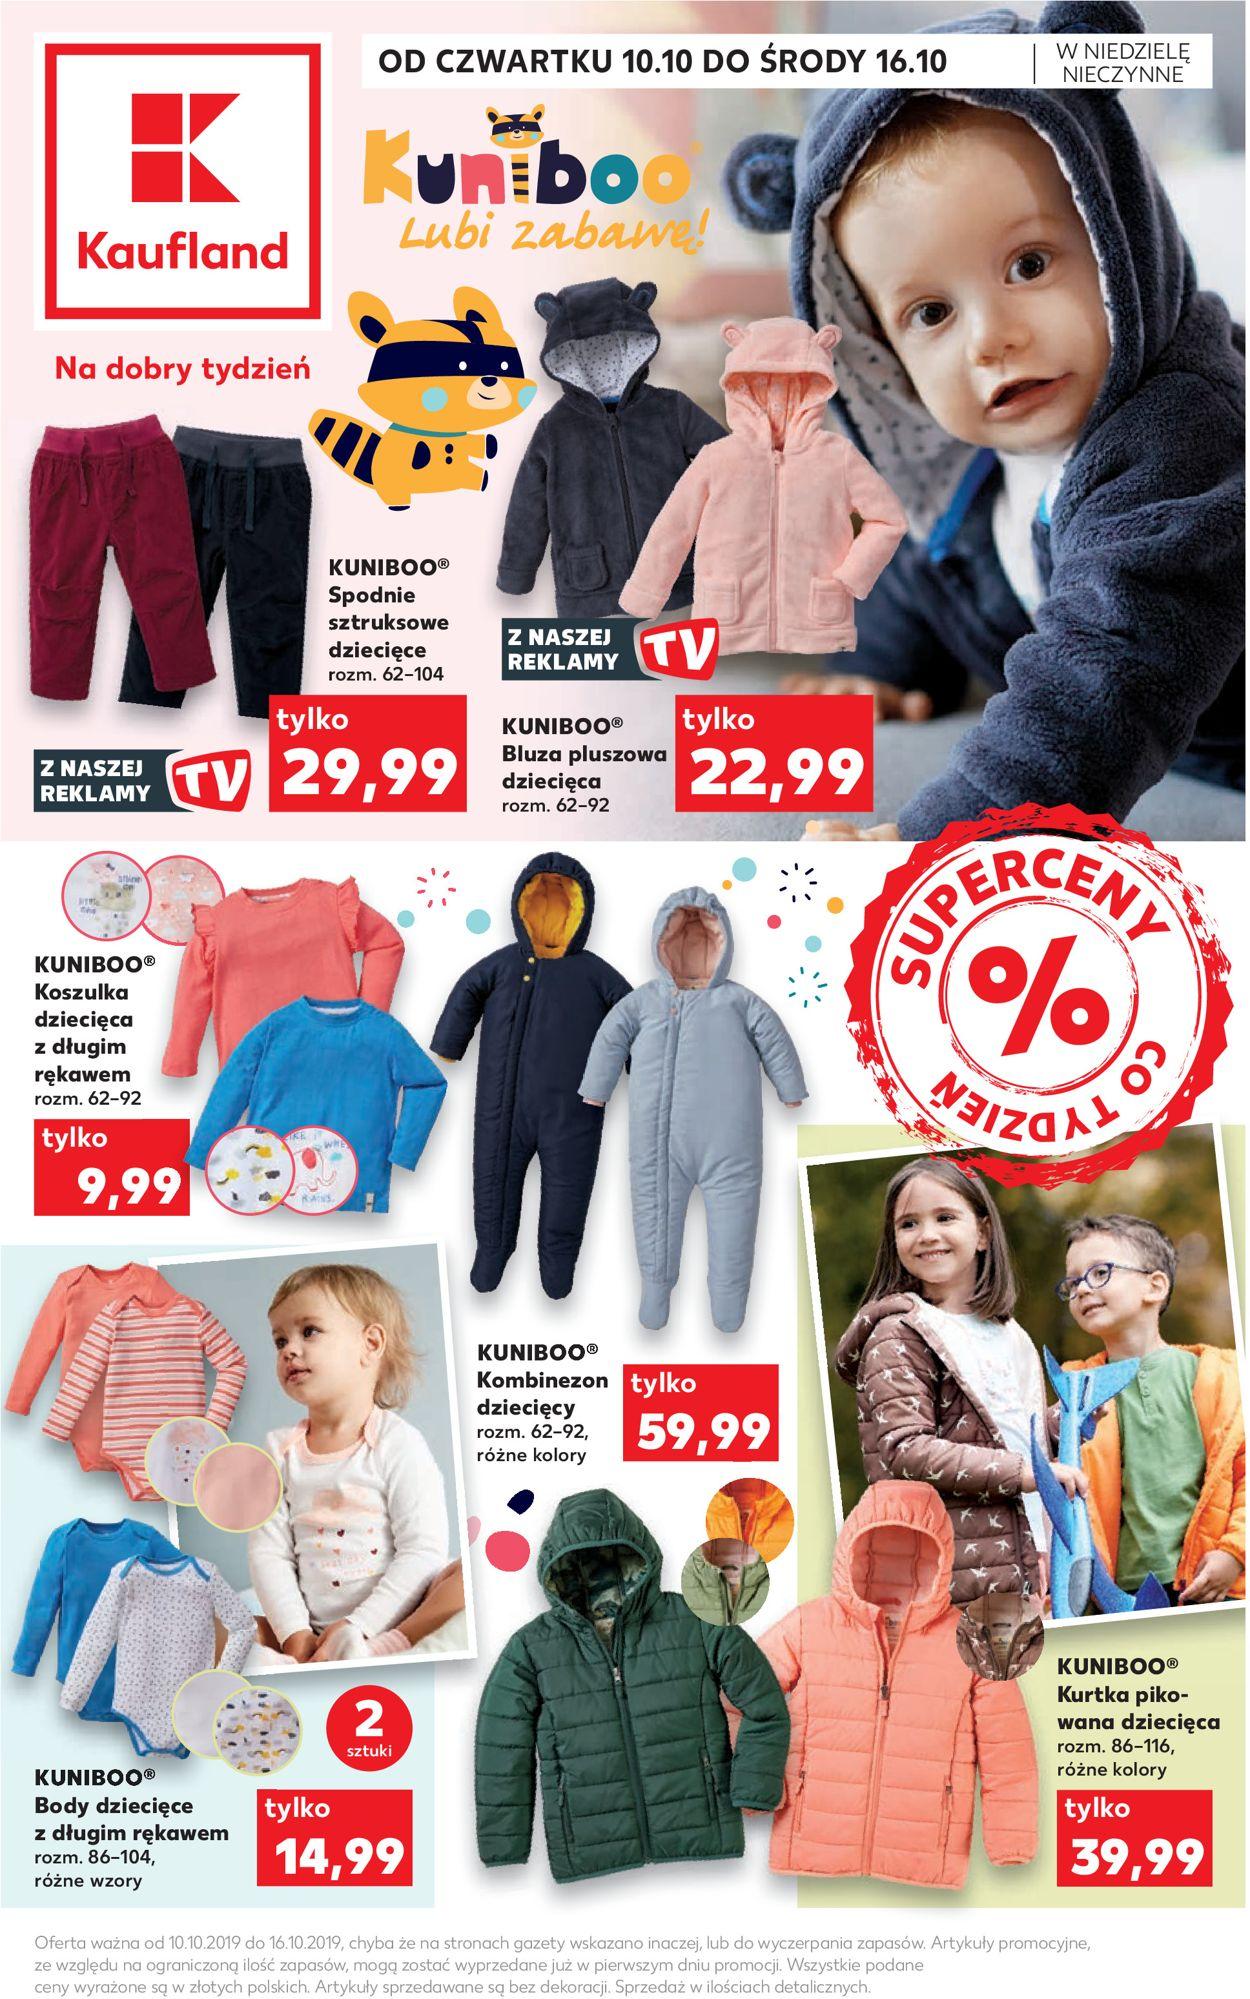 Gazetka promocyjna Kaufland - 10.10-16.10.2019